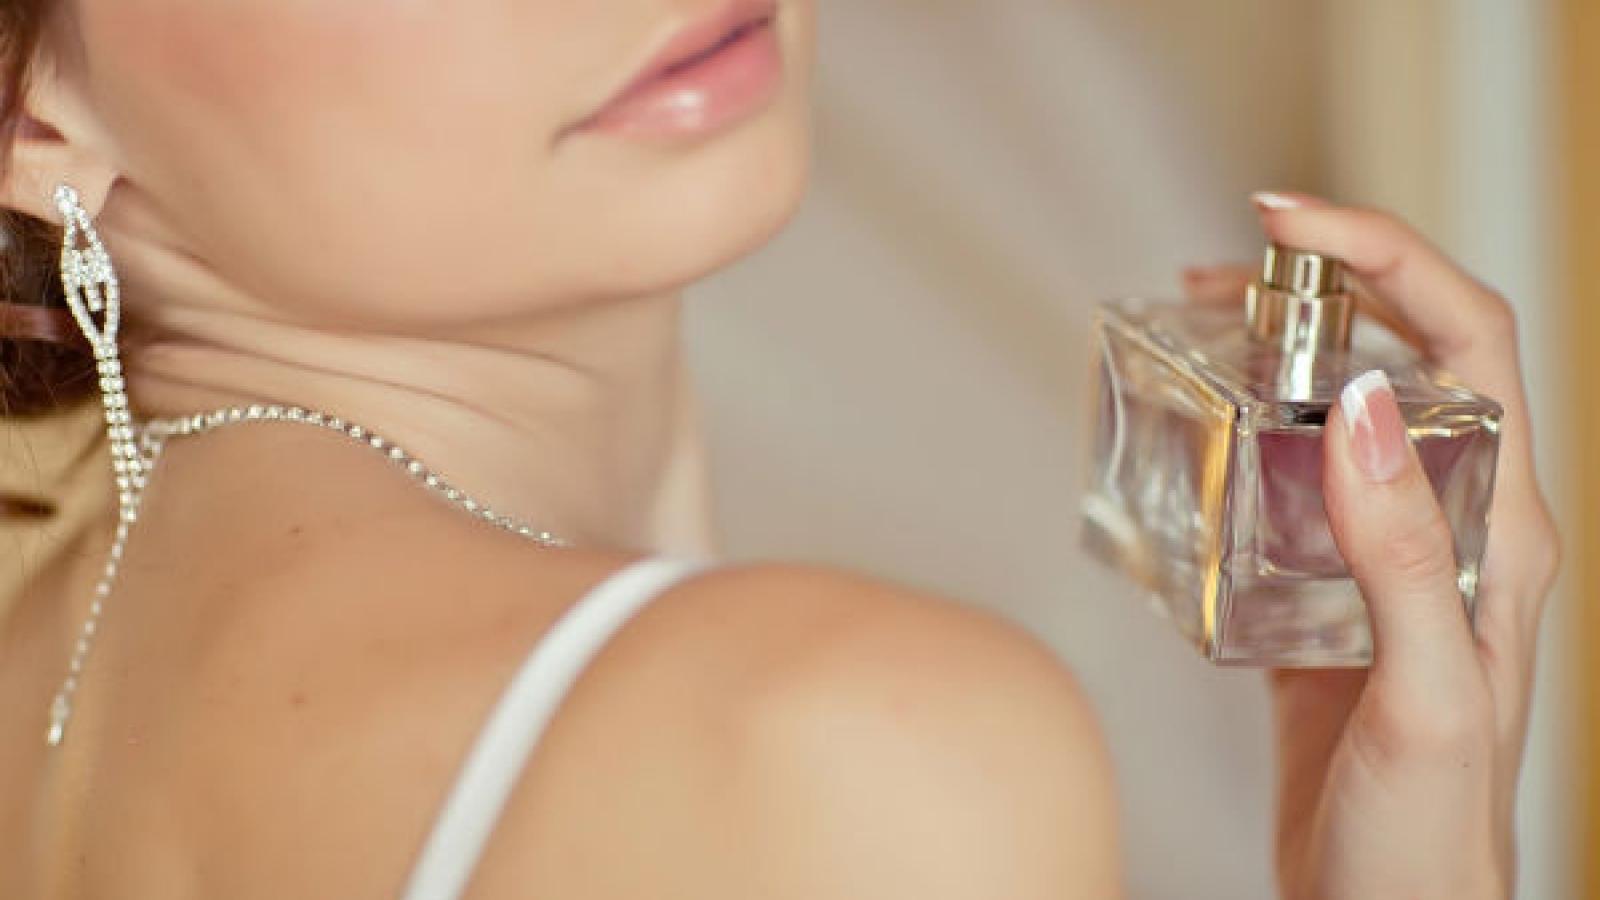 Mẹo sử dụng nước hoa giúp lưu giữ mùi hương suốt ngày dài